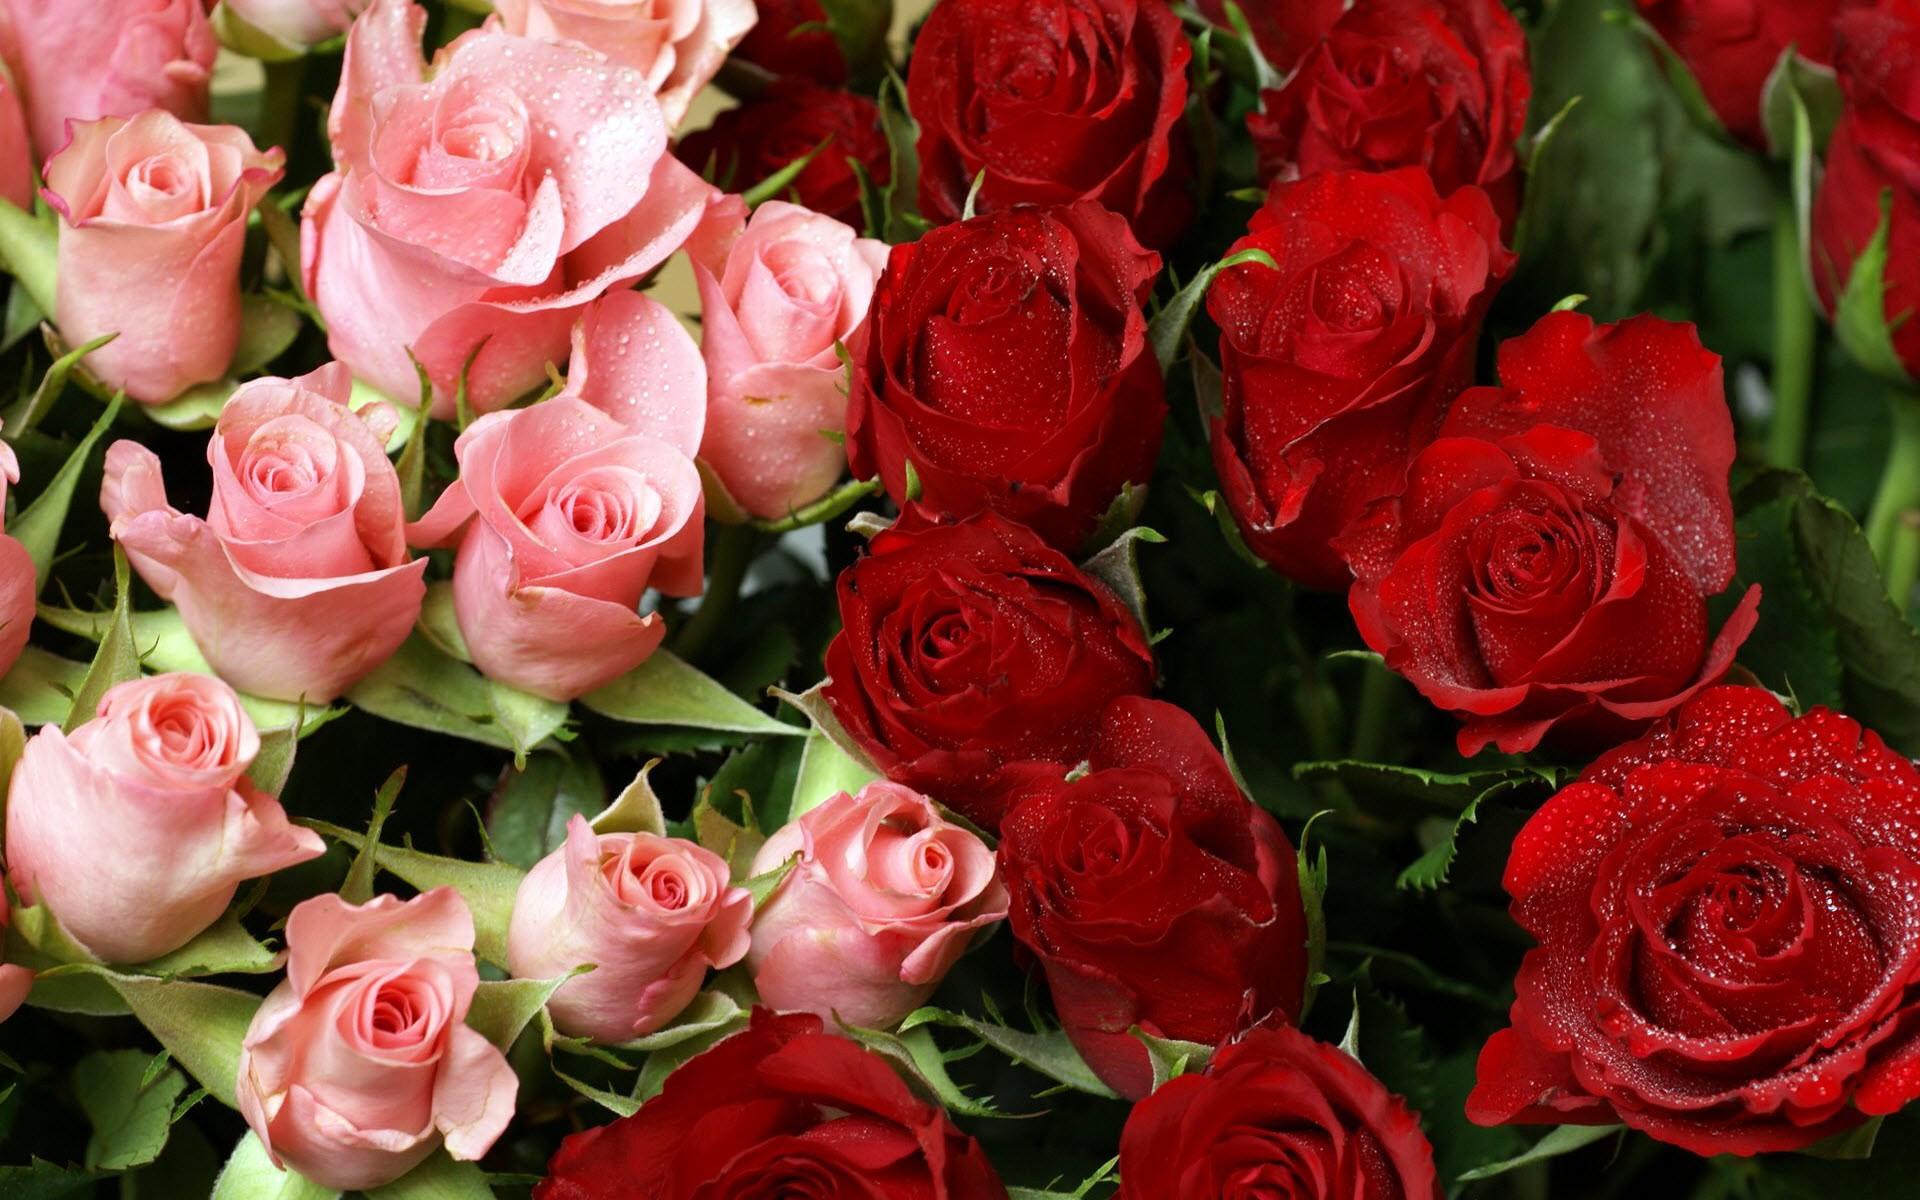 Red Flower Bouquet 5 Free Hd Wallpaper - HdFlowerWallpaper.com